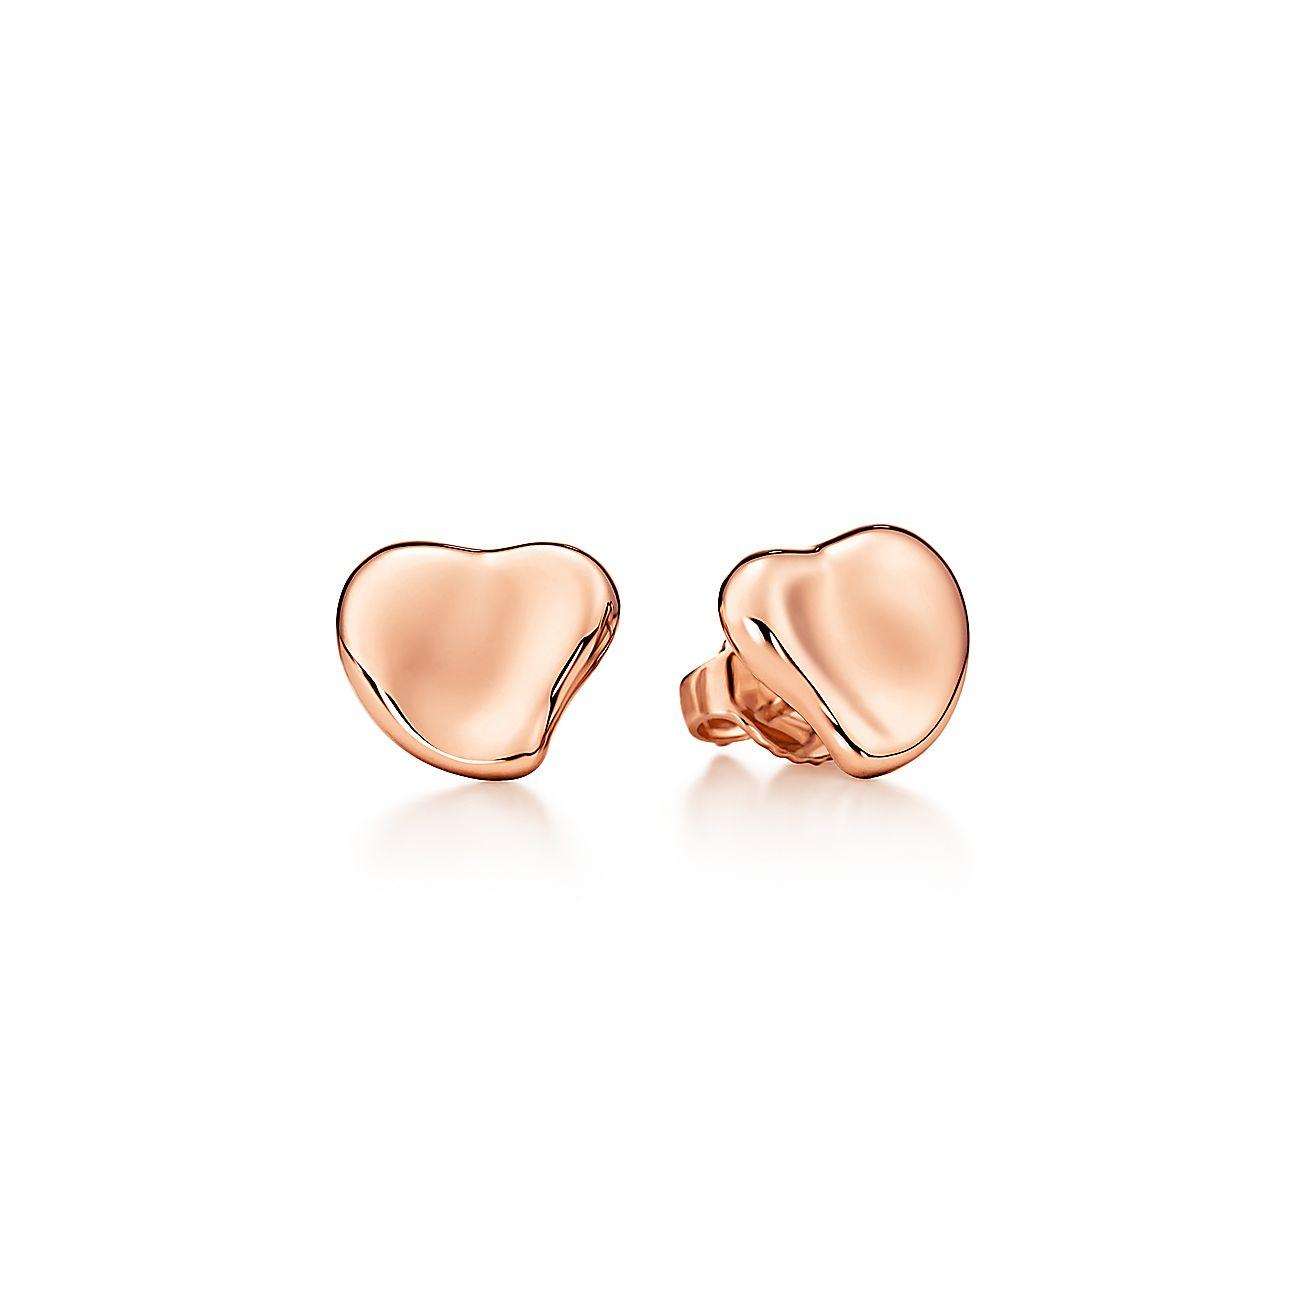 New Elsa Peretti® Full Heart Earrings In 18k Rose Gold, 10 Mm